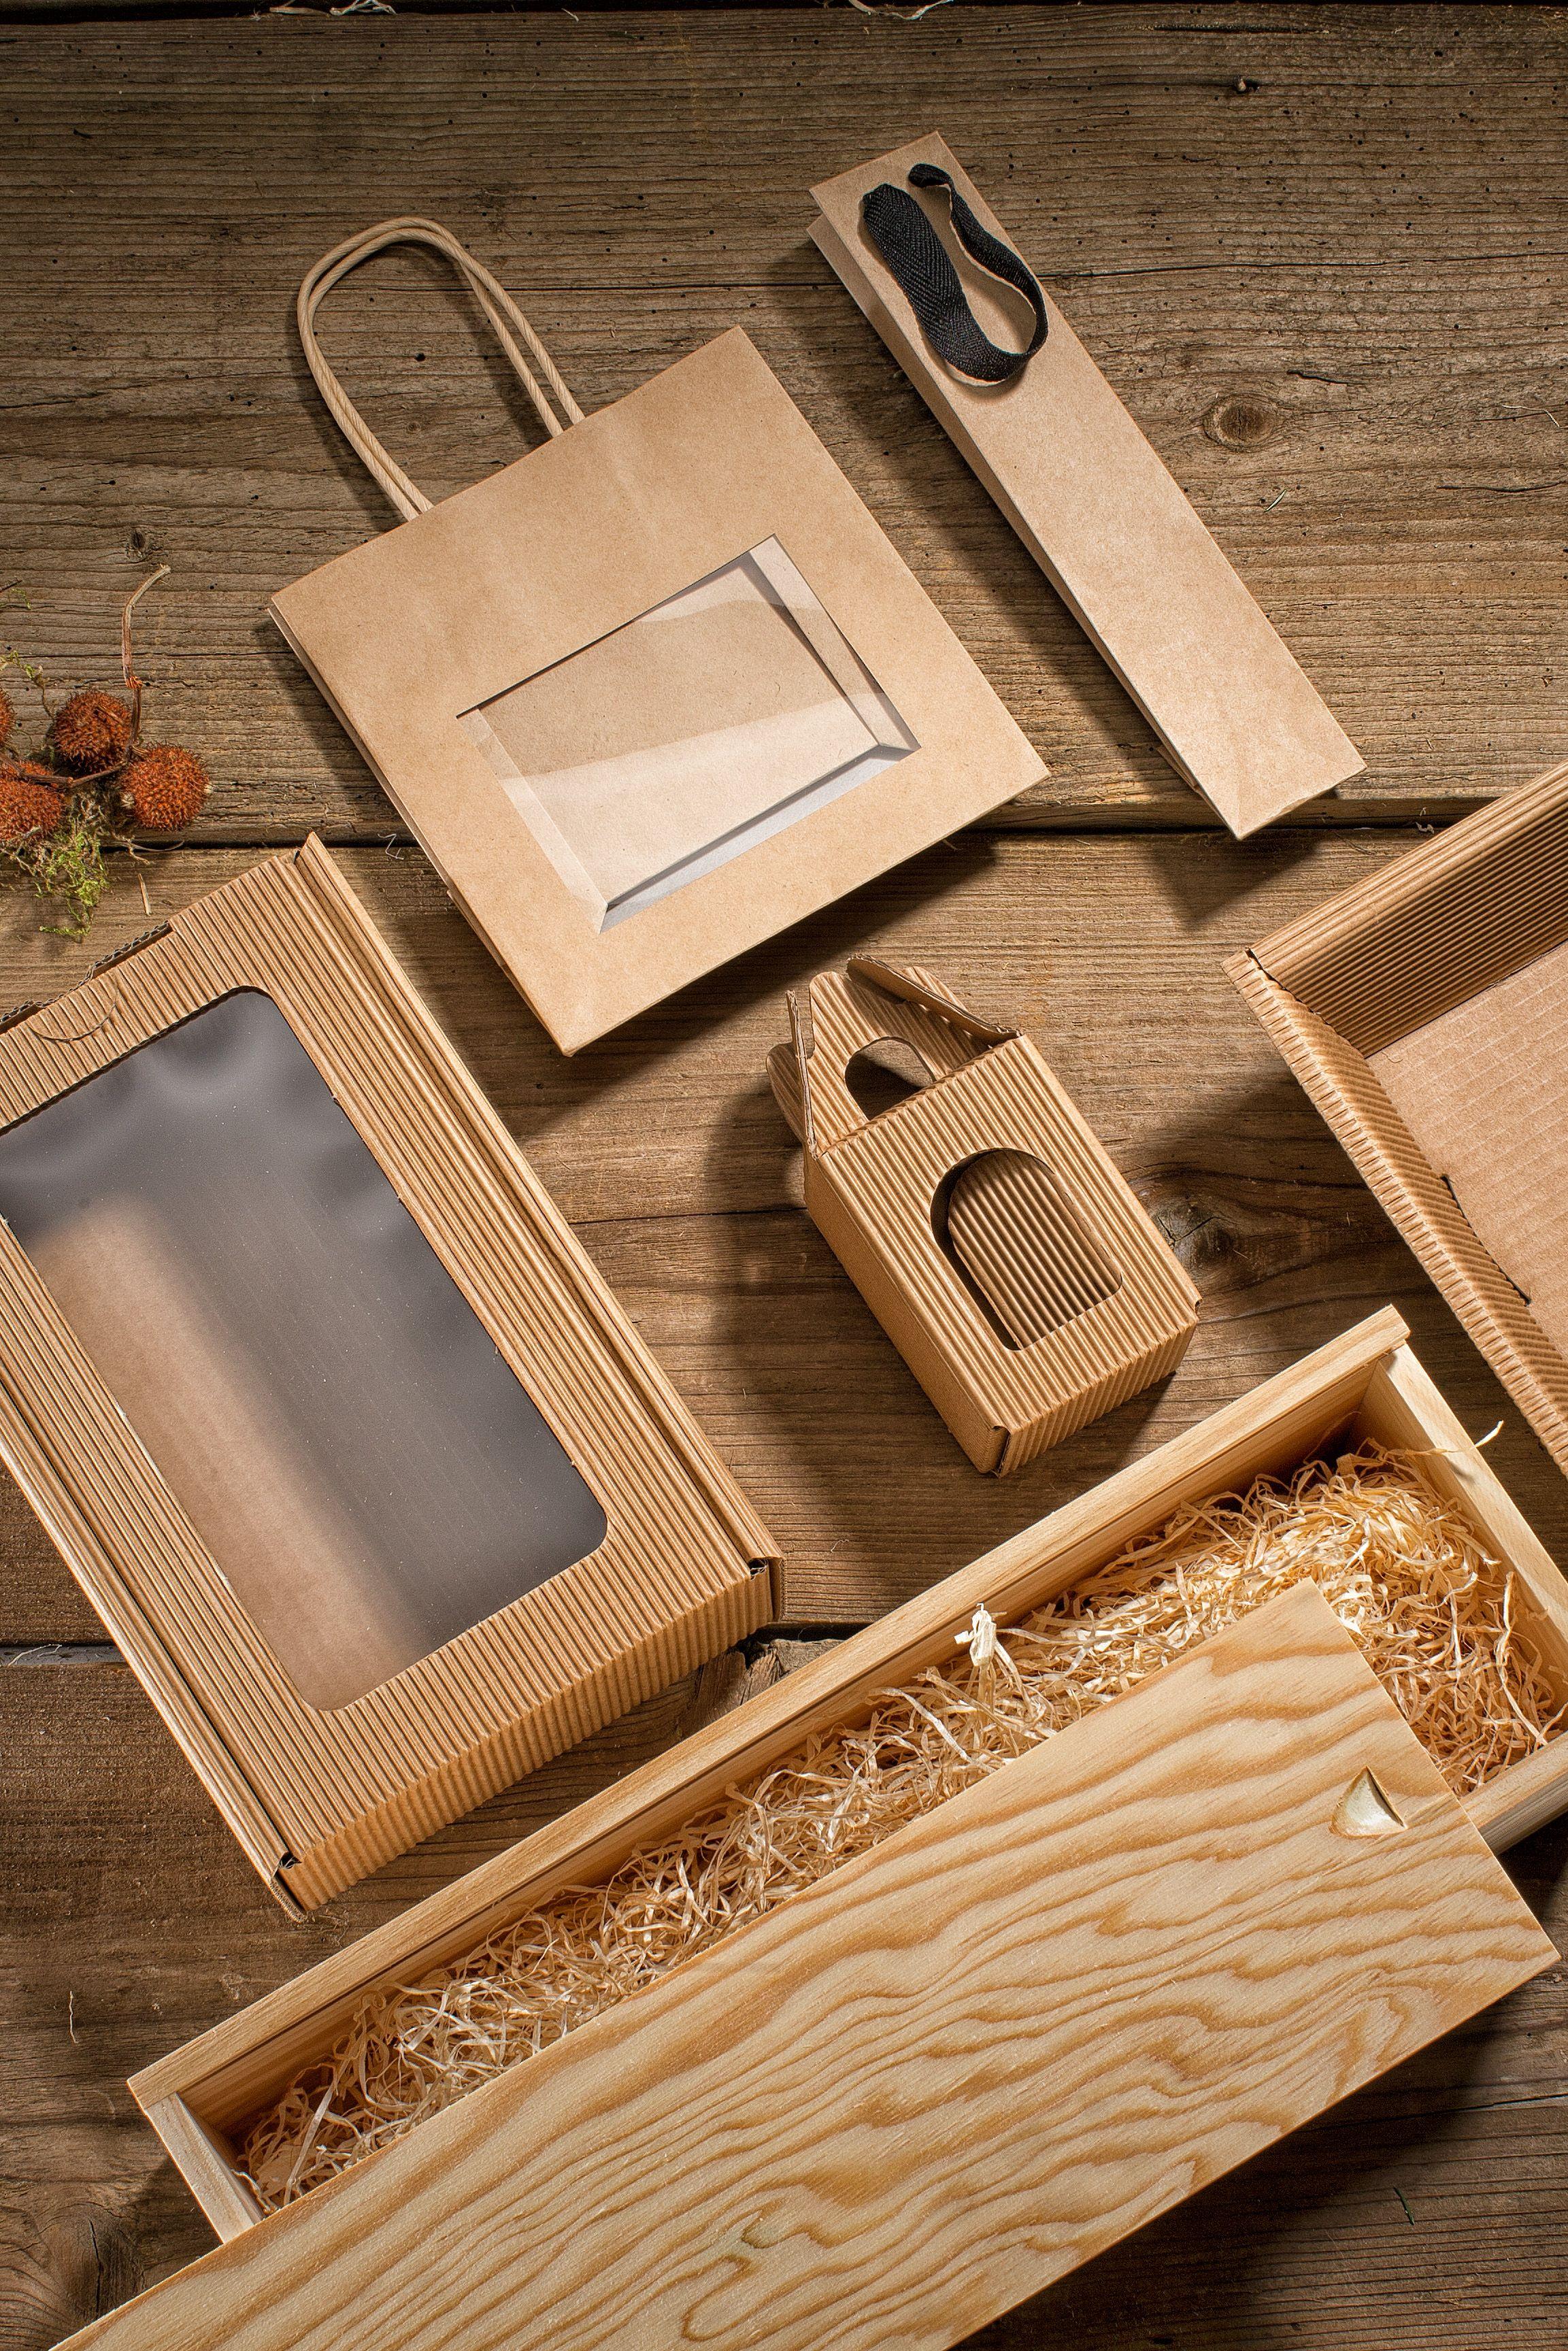 Die Weihnachtsgeschenke.Holen Sie Kreative Verpackungsideen Für Die Weihnachtsgeschenke